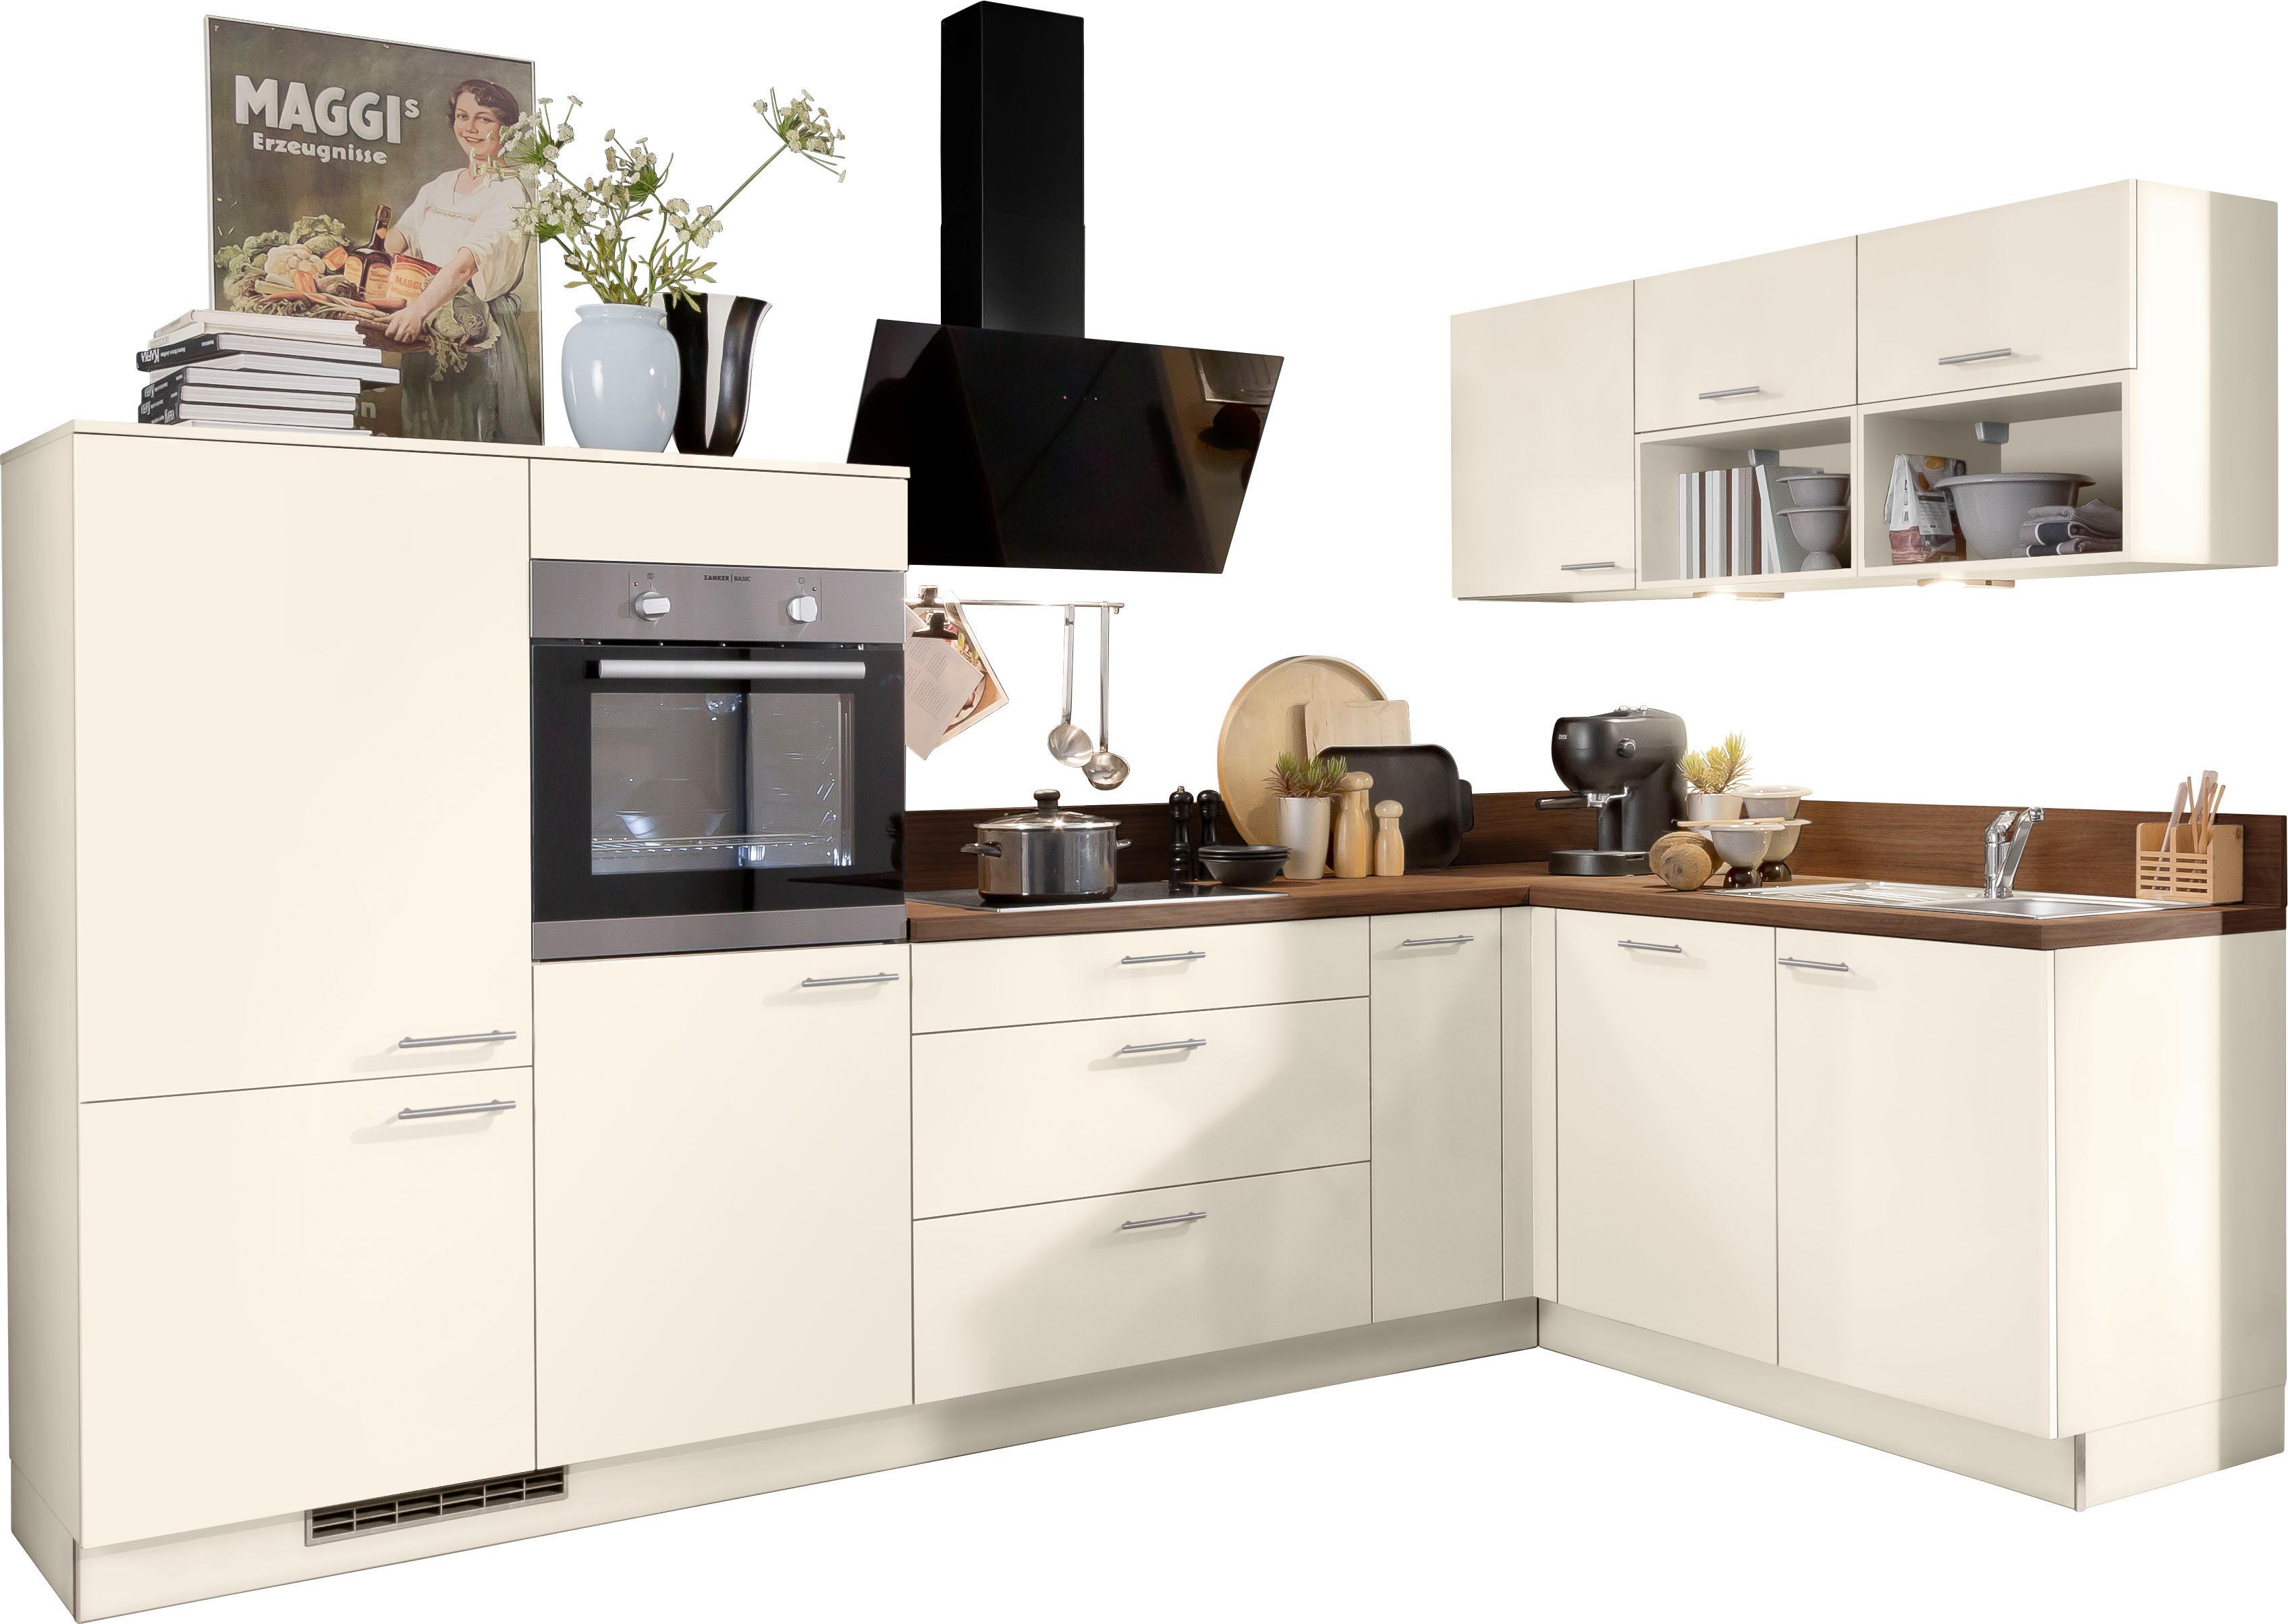 Express Küchen Winkelküche Scafa ohne E-Geräte Stellbreite 305 x 185 cm | Küche und Esszimmer > Küchen > Winkelküchen | Rosa | Express Küchen